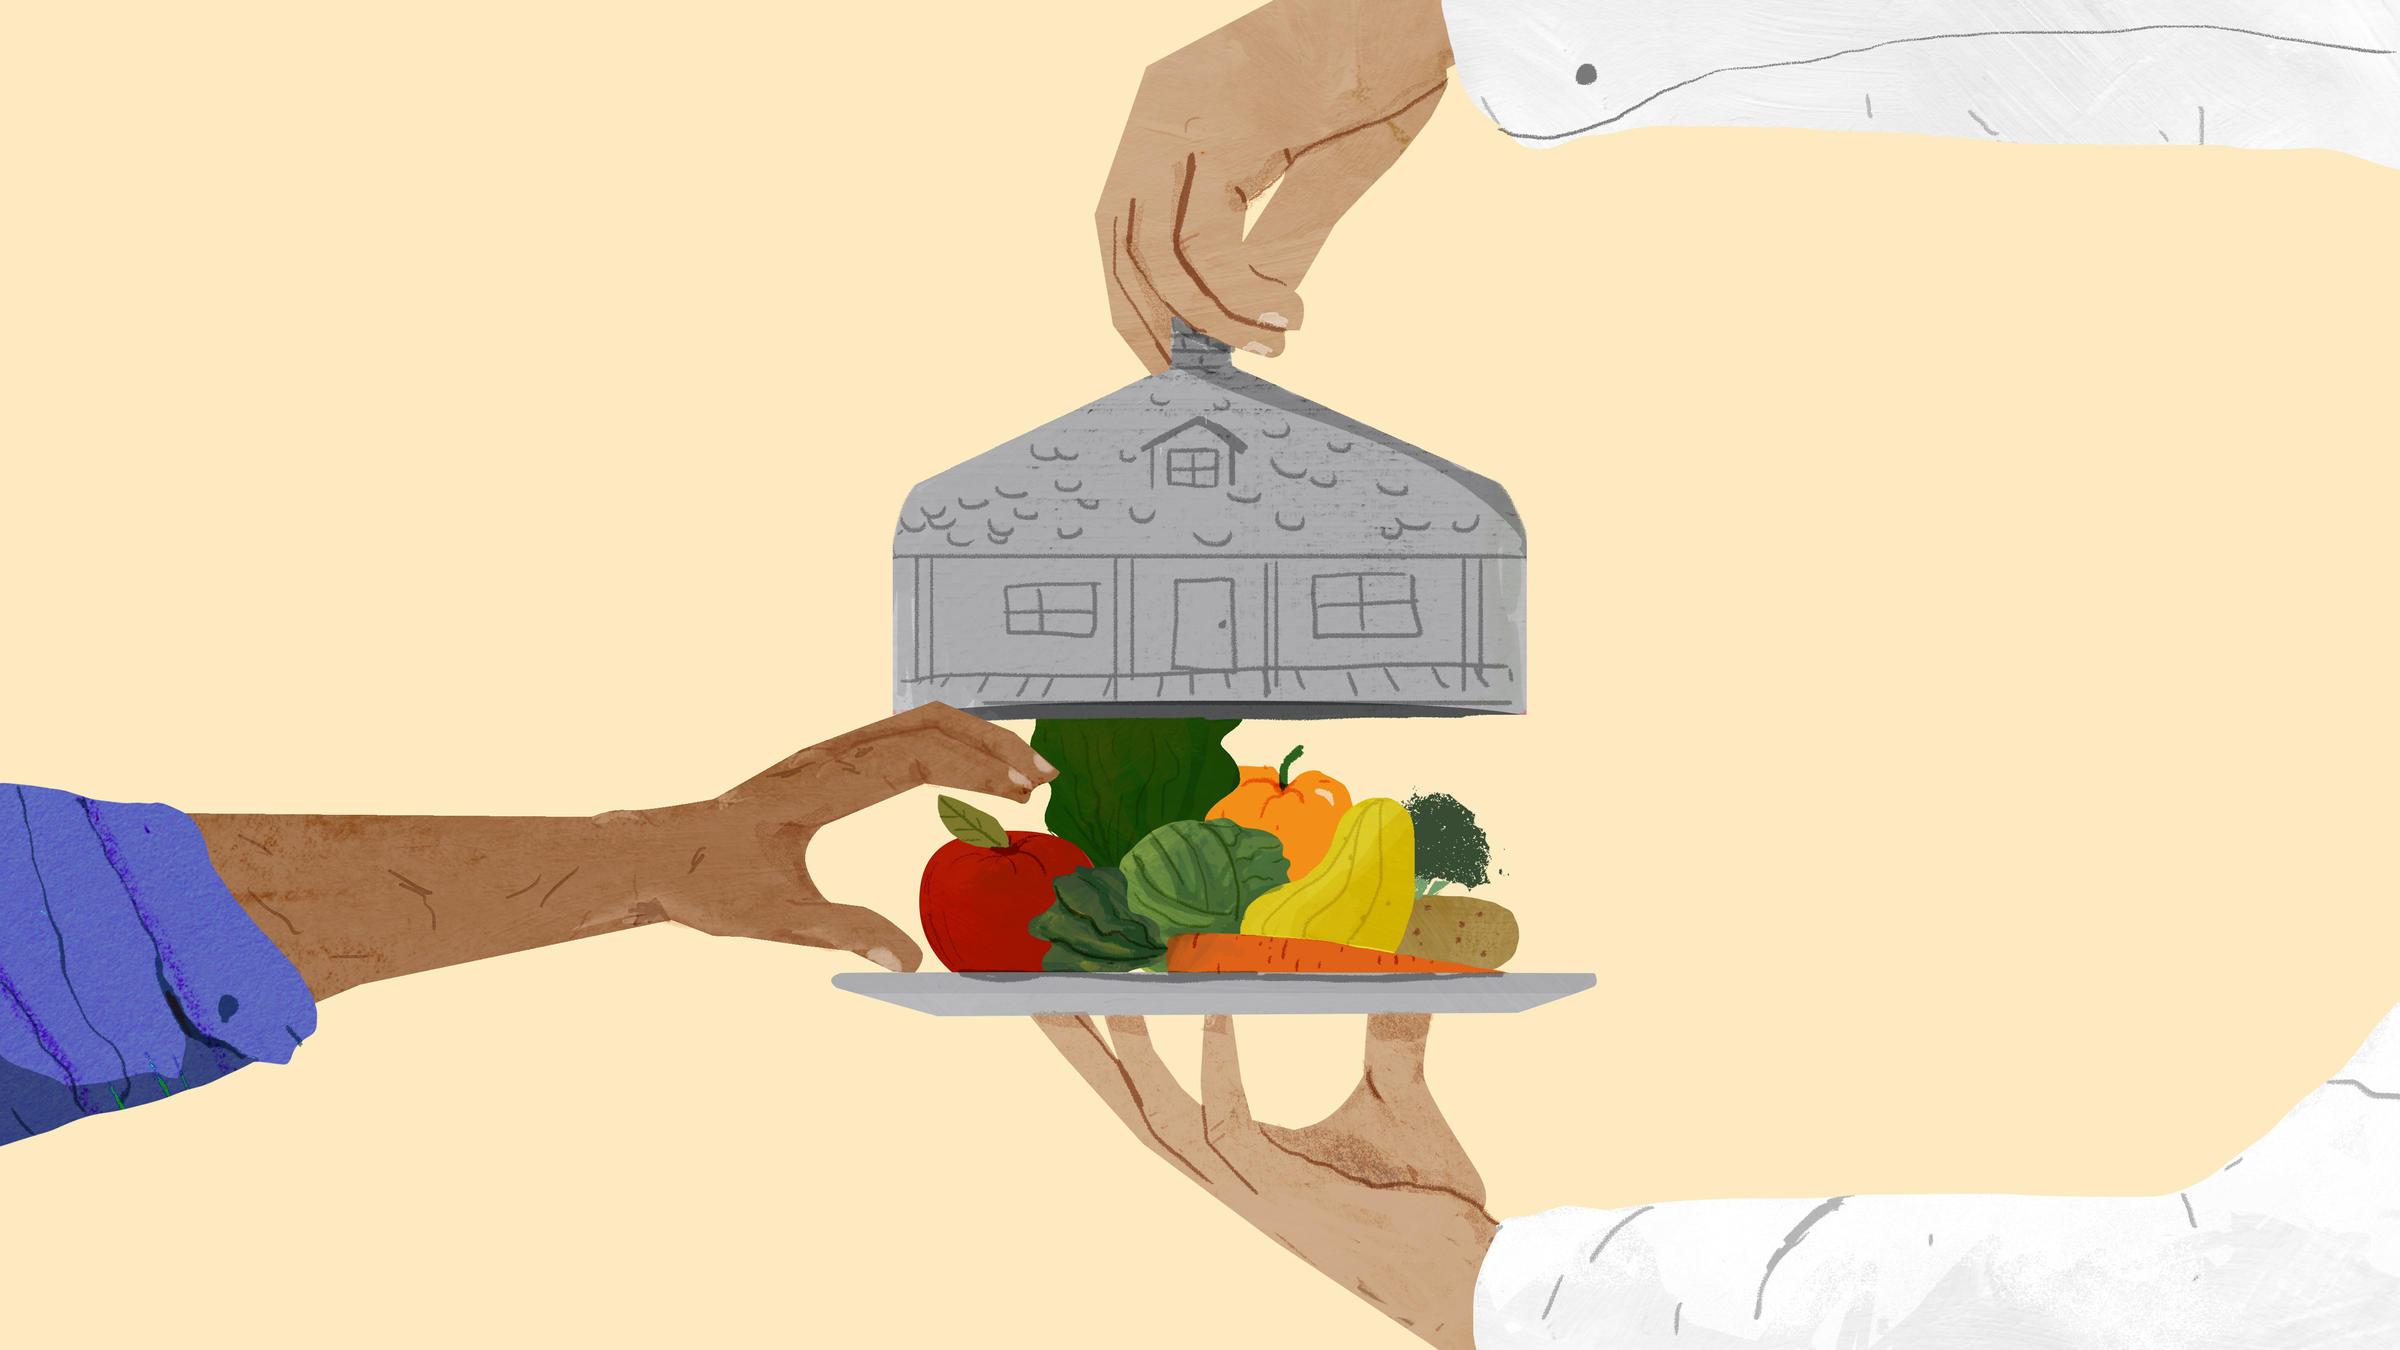 chefs help: